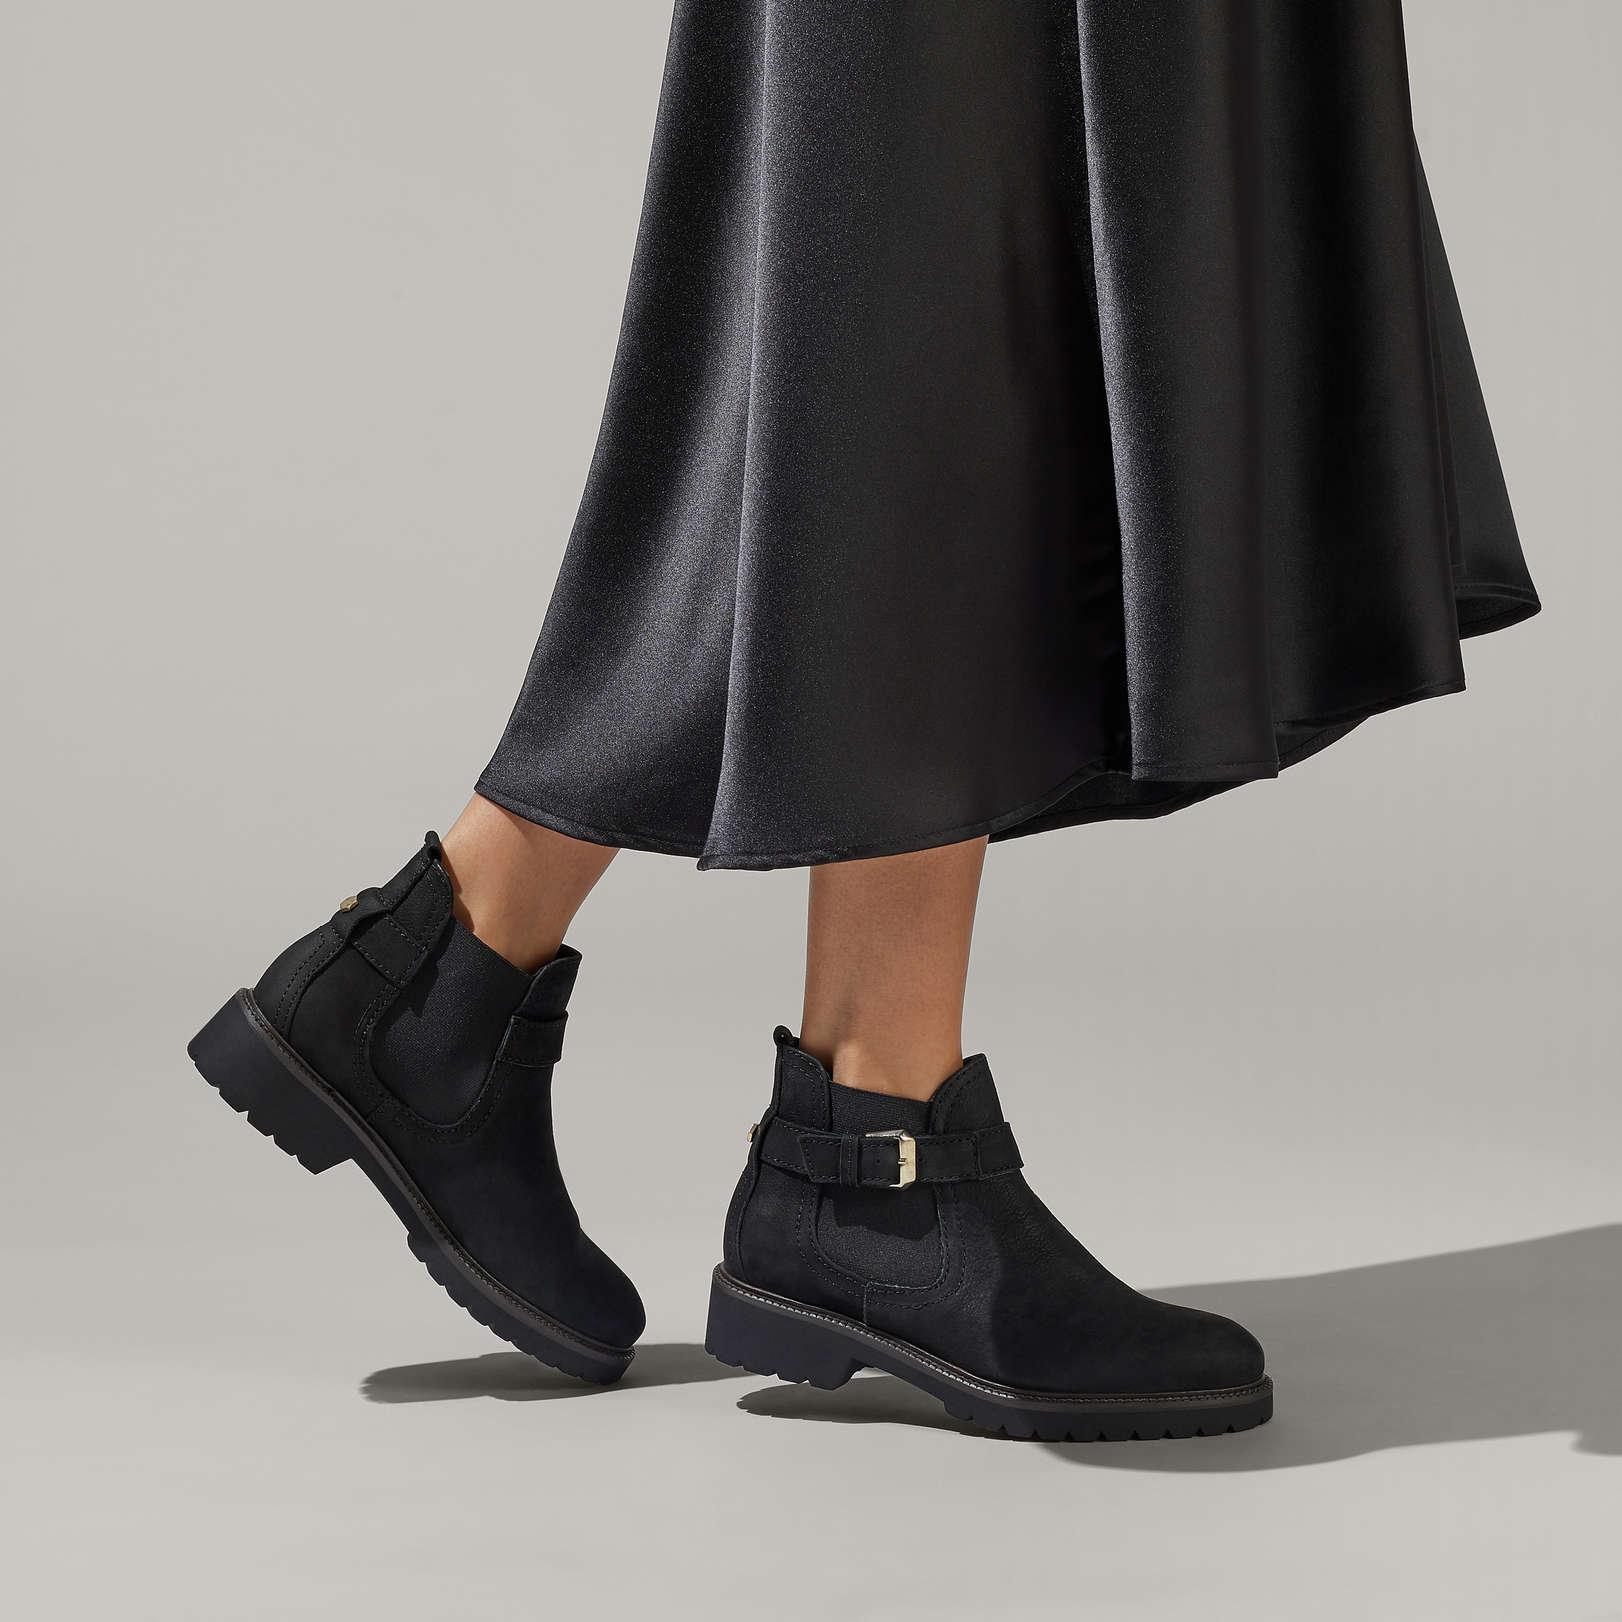 RADIANT - CARVELA COMFORT Ankle Boots